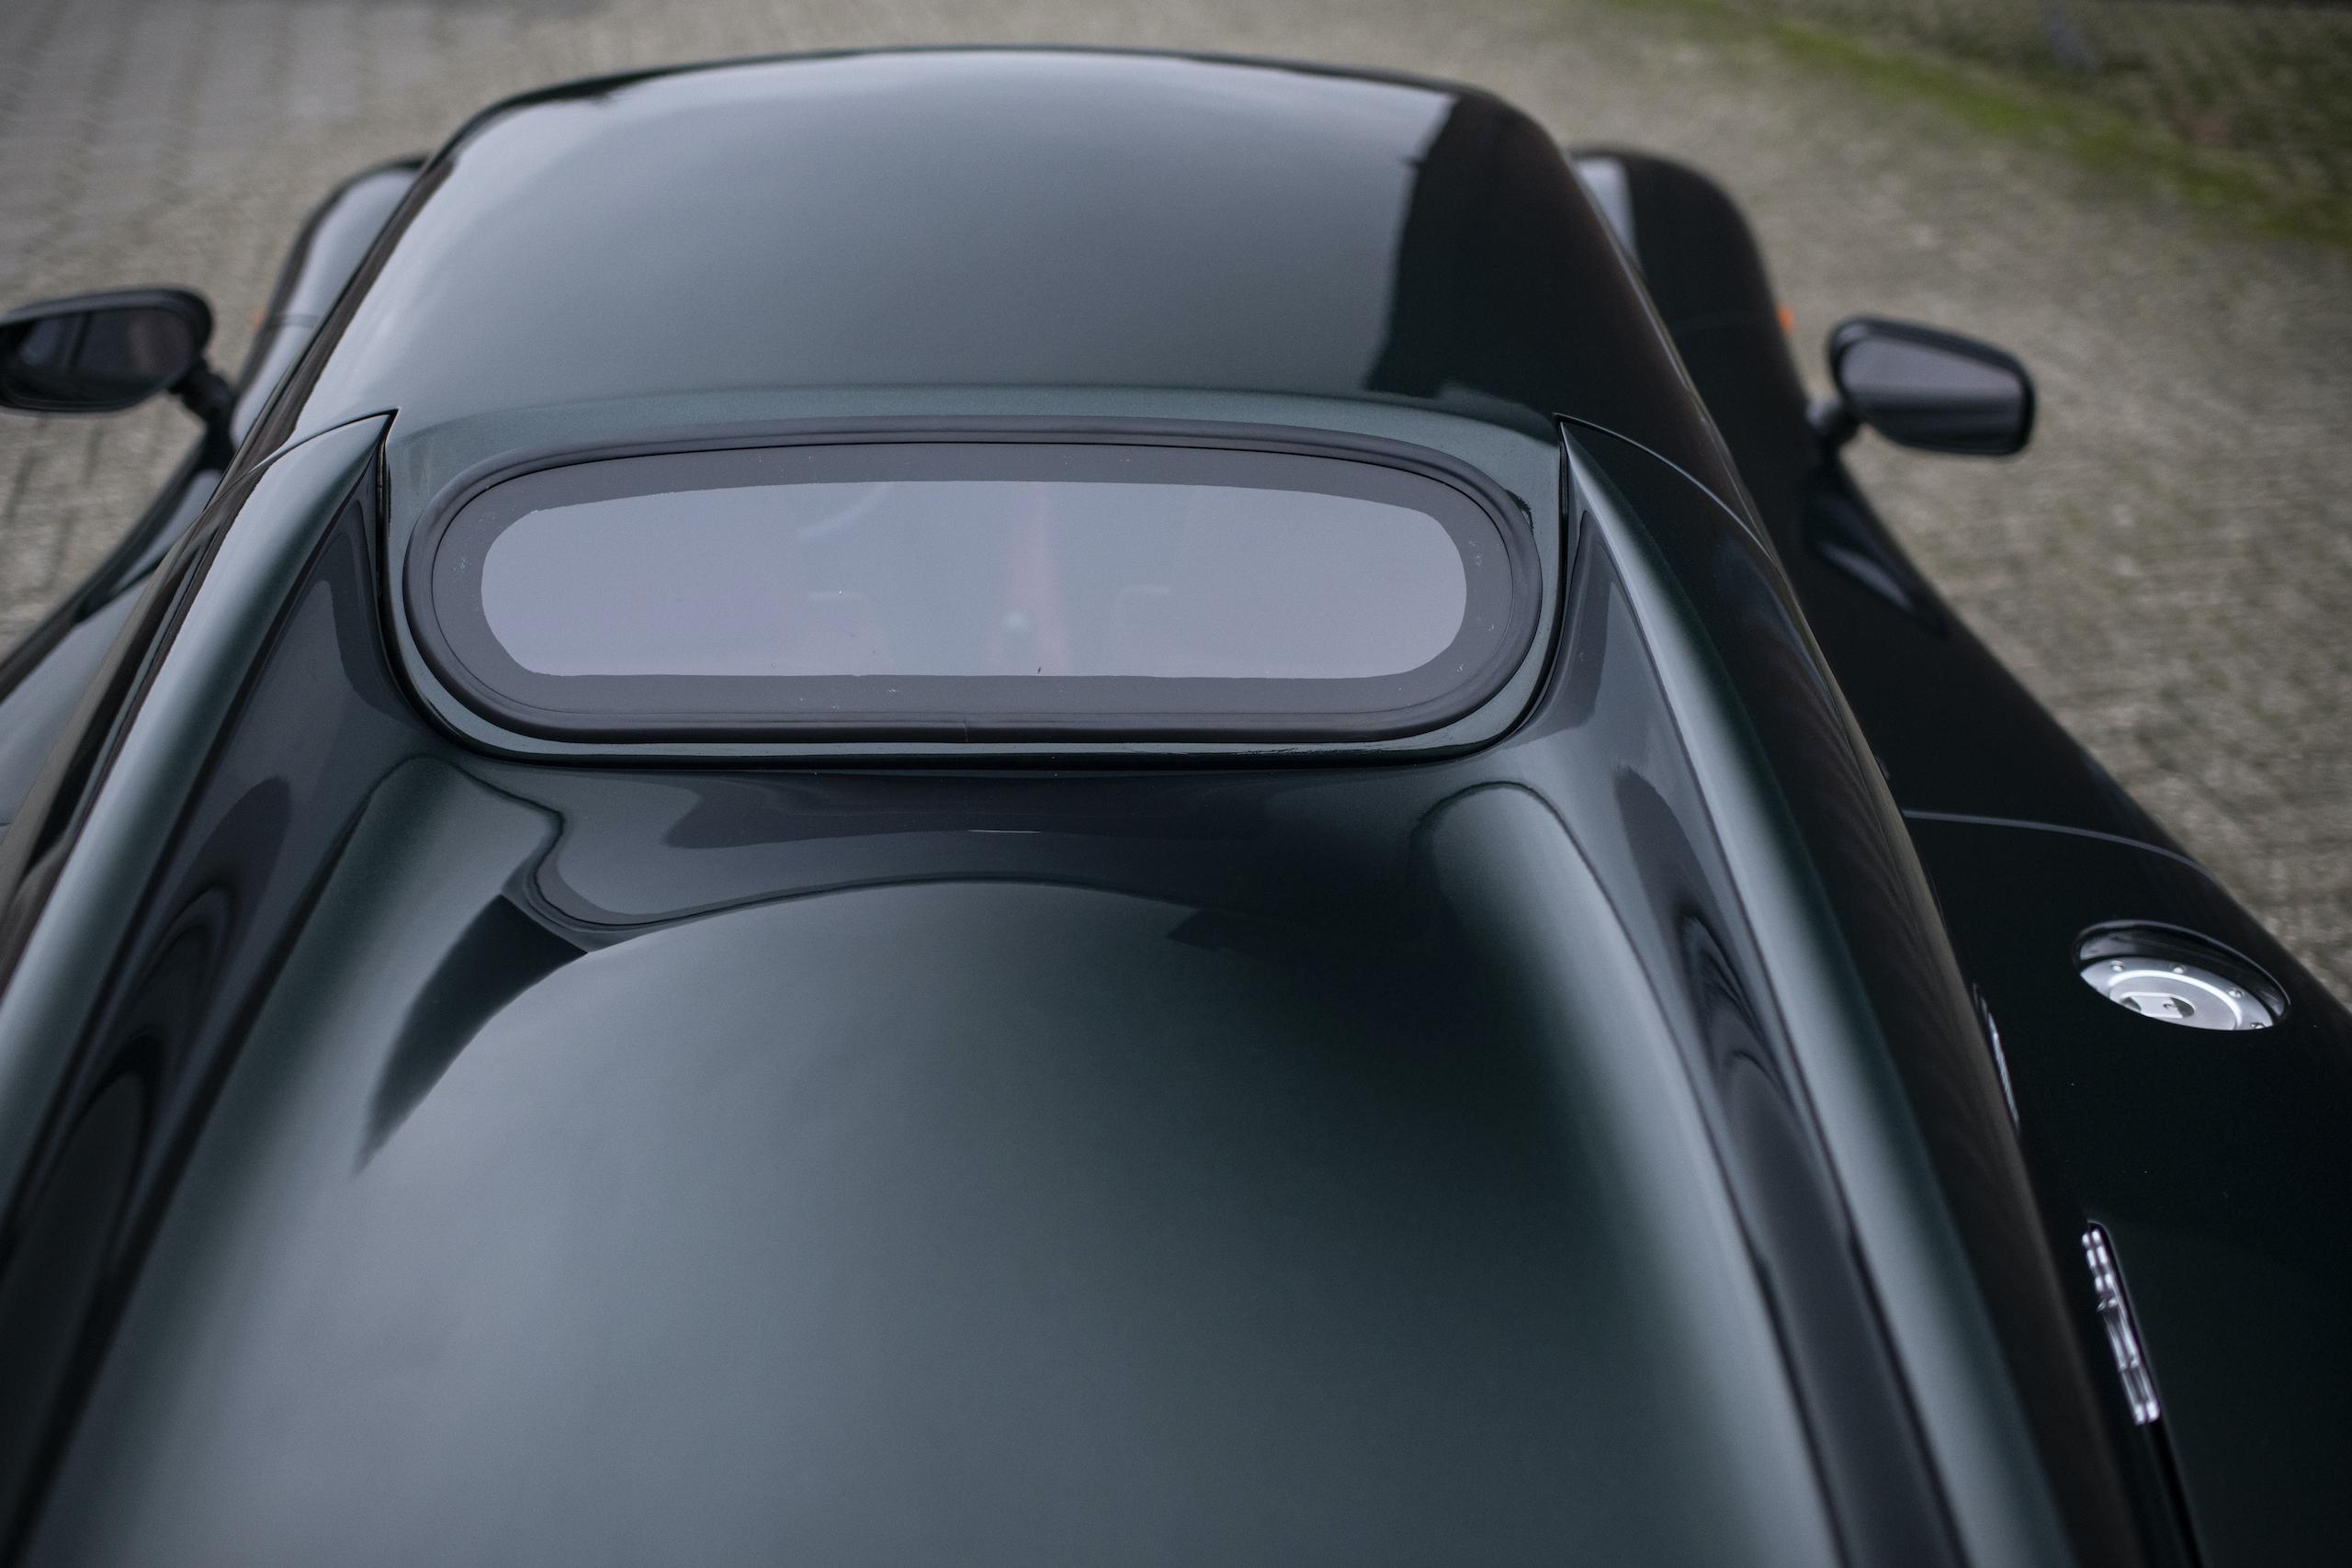 1997 Ascari Ecosse rear window